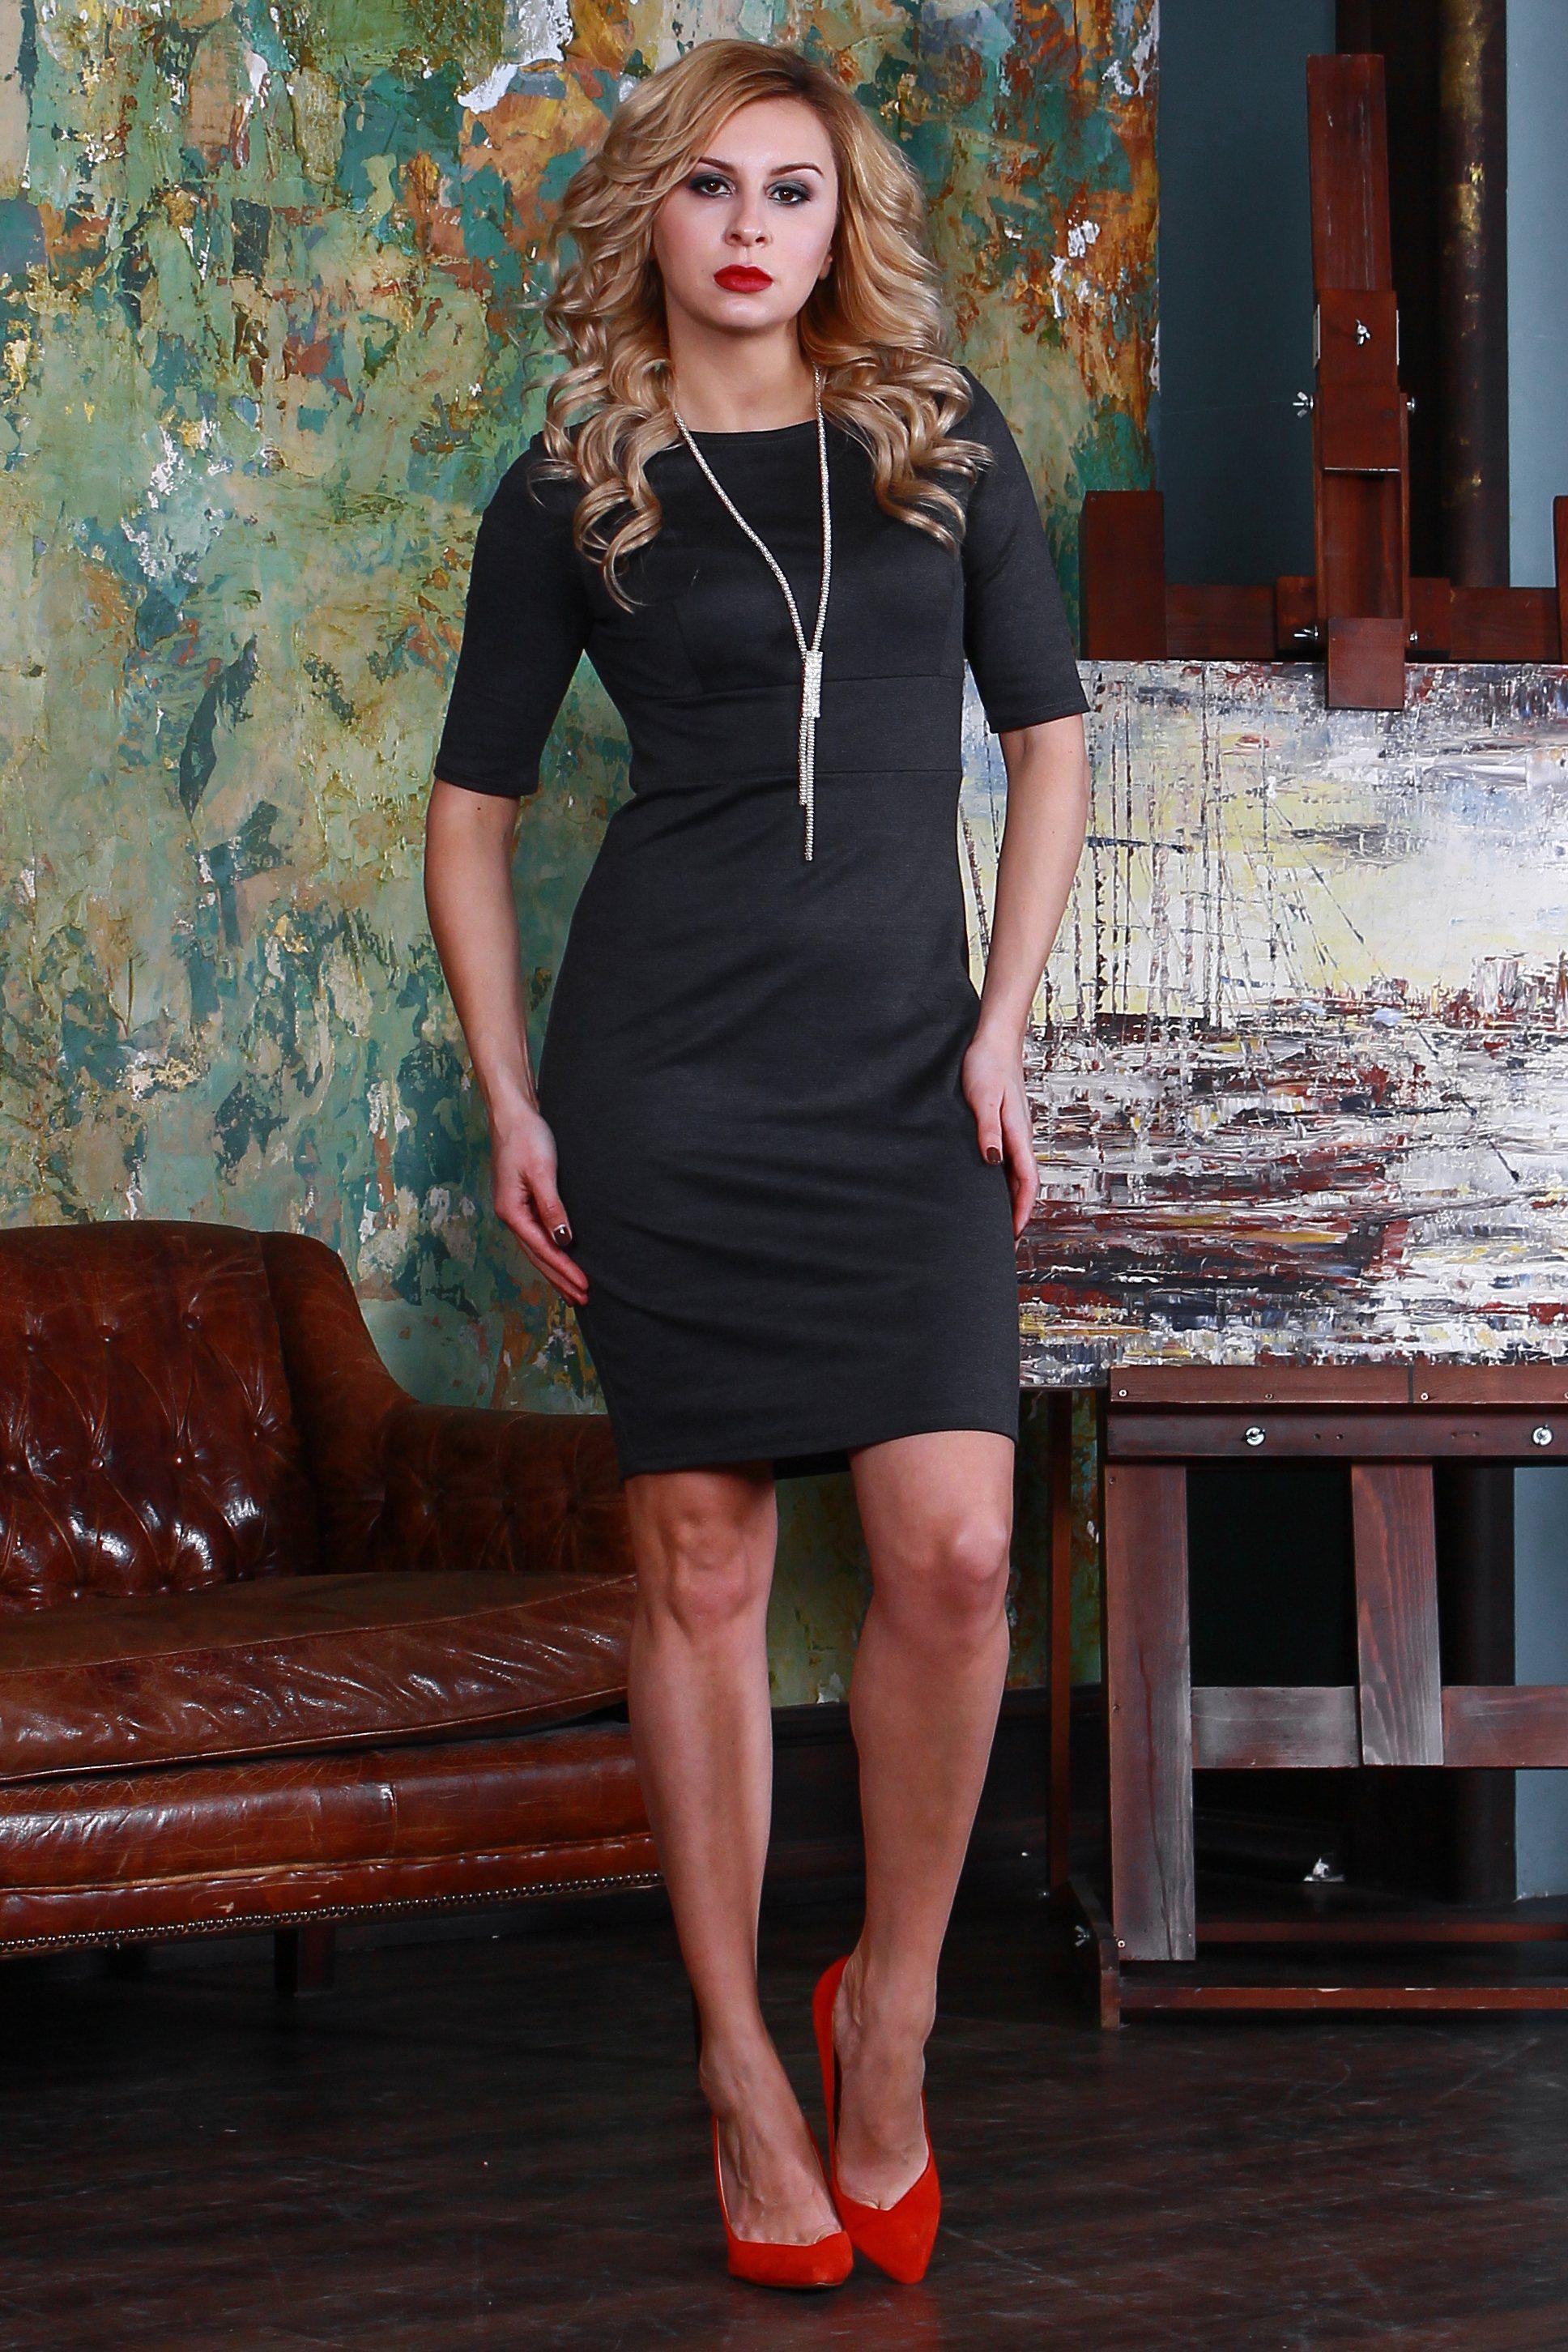 ПлатьеПлатья<br>Платье прилегающего силуэта из полушерстяного трикотажного полотна,  с округлым вырезом горловины и втачным рукавом до локтя. Лаконичный строгий покрой создает идеальный силуэт.  Длина платья от 91 см до 100 см , в зависимости от размера.  Цвет: серый  Рост девушки-фотомодели 175 см<br><br>Горловина: С- горловина<br>По длине: До колена<br>По материалу: Трикотаж<br>По рисунку: Однотонные<br>По силуэту: Приталенные<br>По стилю: Офисный стиль,Повседневный стиль<br>По форме: Платье - футляр<br>Рукав: До локтя<br>По сезону: Осень,Весна,Зима<br>Размер : 46,52,54<br>Материал: Джерси<br>Количество в наличии: 3